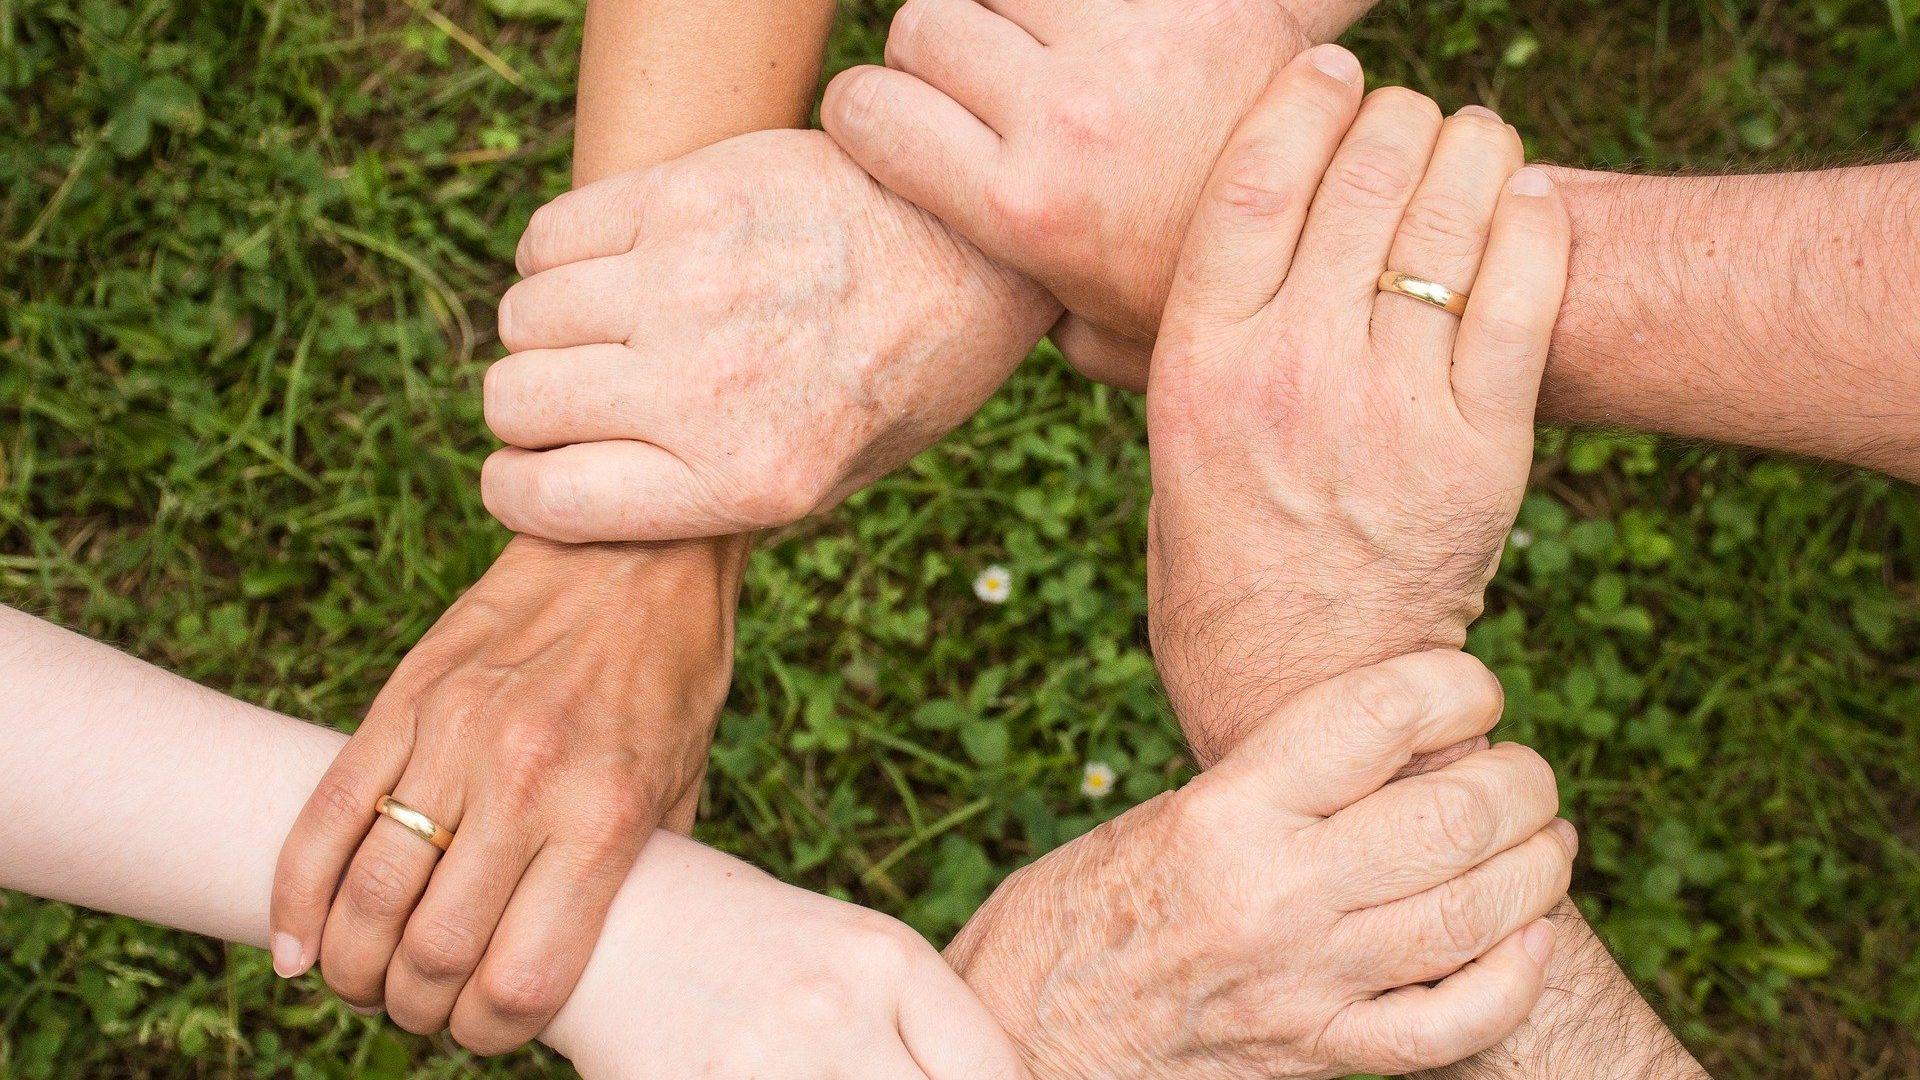 Beruf, Familie, Diversität